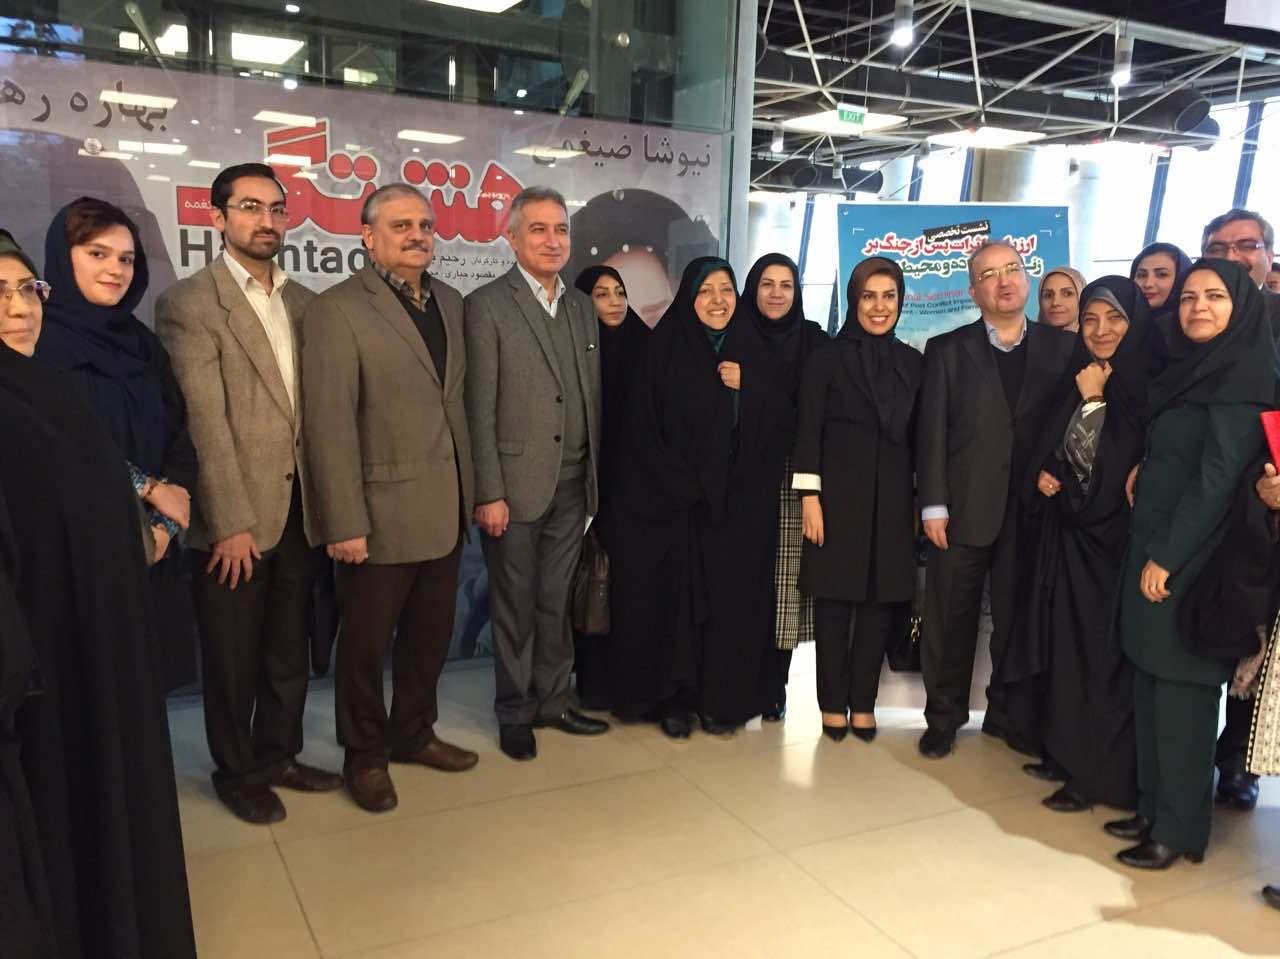 نشست تخصصی ارزیابی اثرات پس از جنگ بر زنان و خانواده و محیط زیست